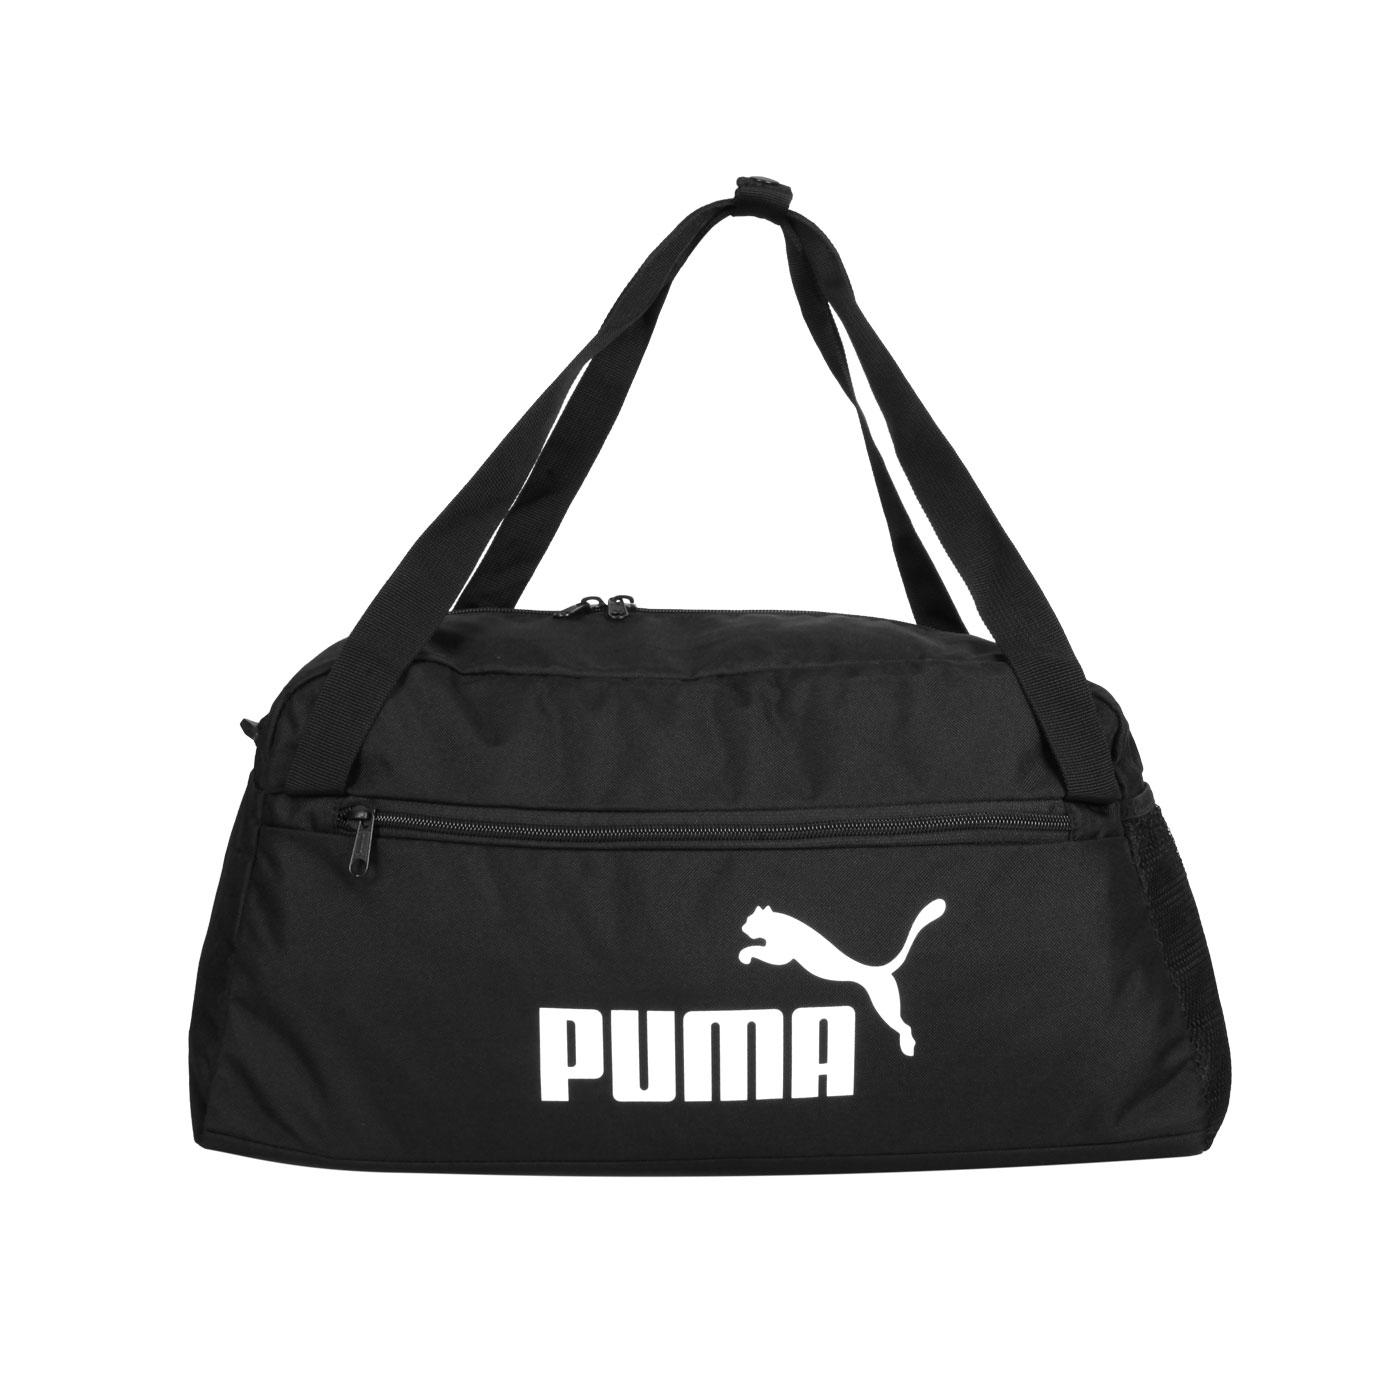 PUMA 運動小袋 07803301 - 黑白